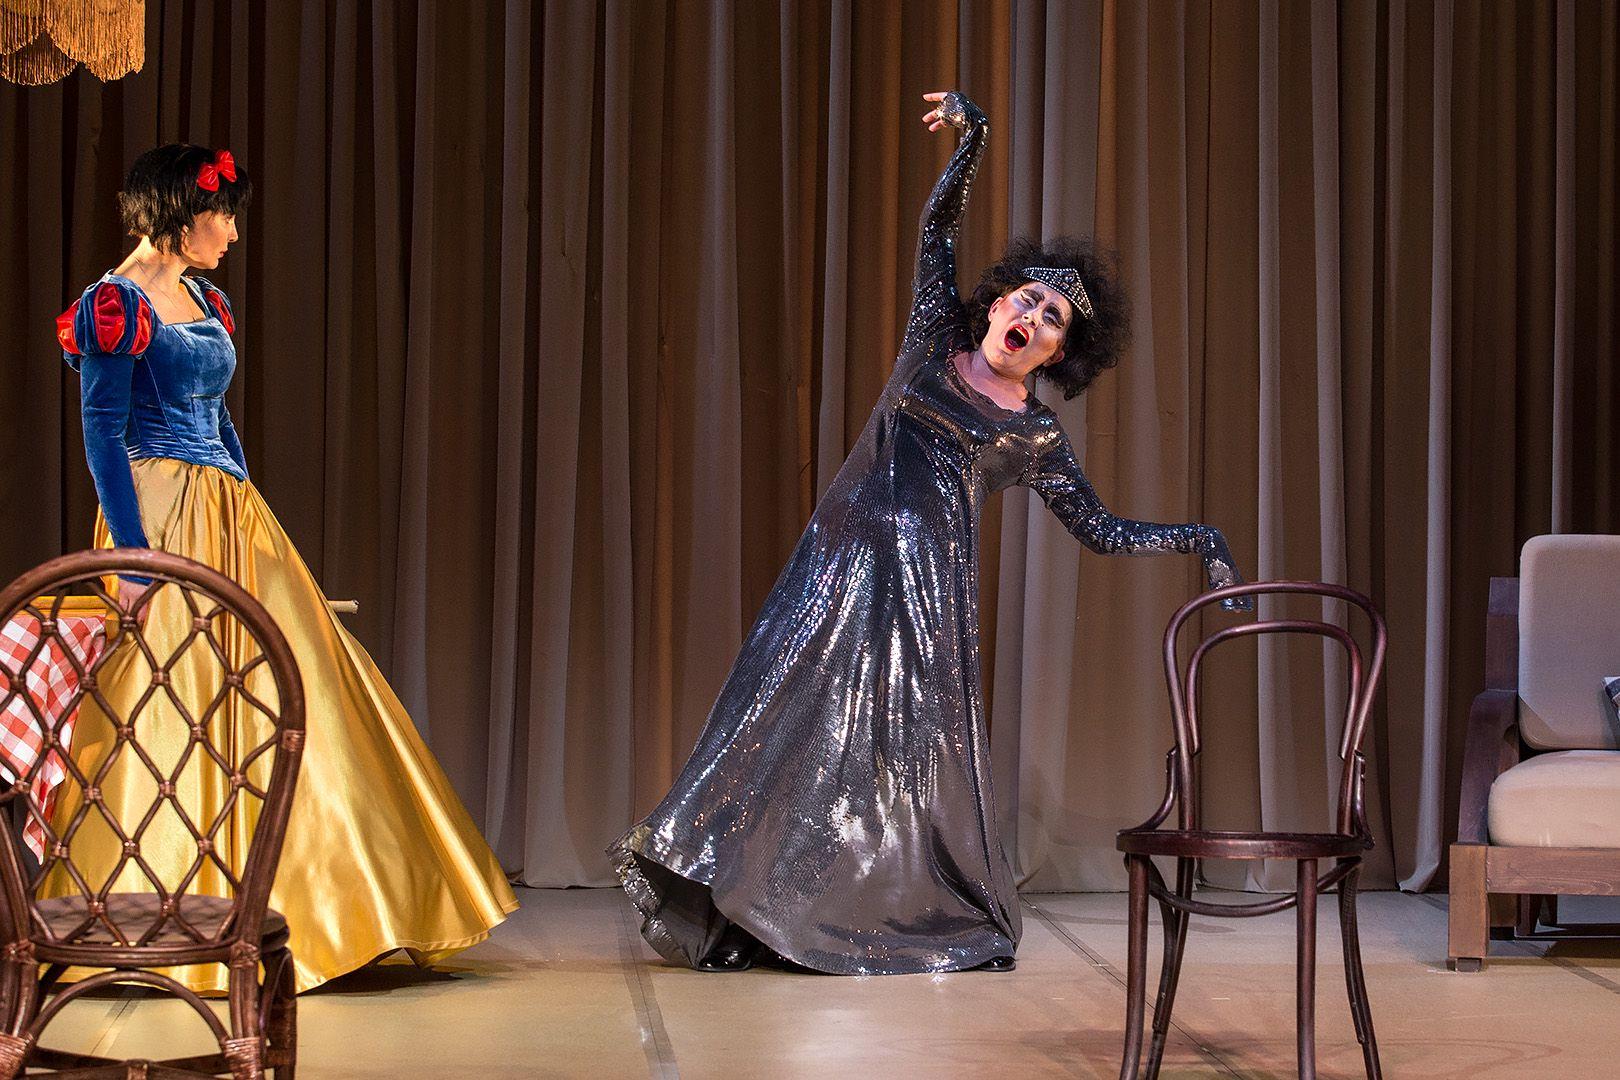 Спектакль «Ваня и Соня и Маша и Гвоздь» в театре «Сатирикон» фото 5